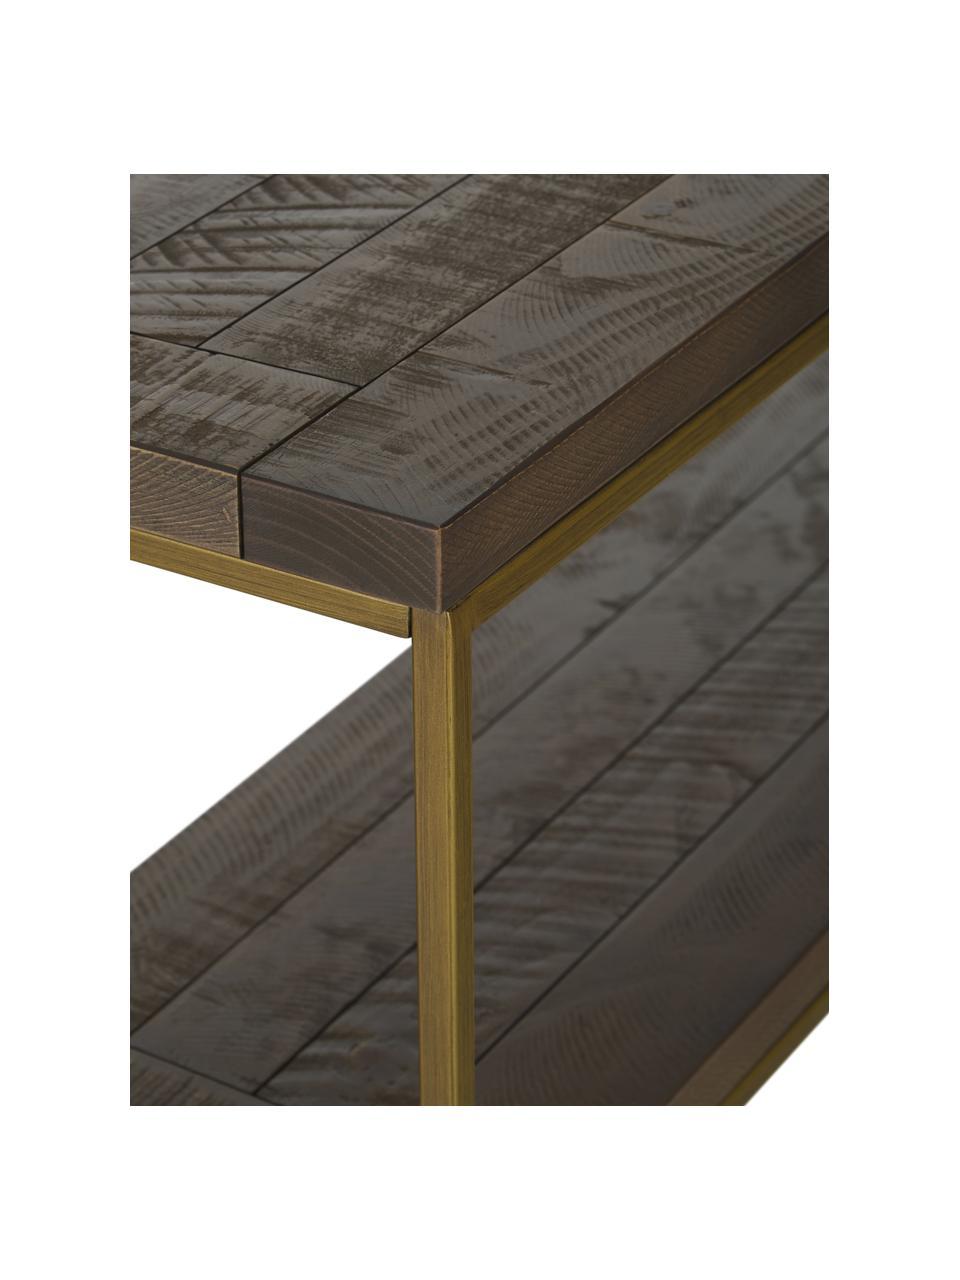 Konsole Dalton im Industrial Design, Gestell: Metall, lackiert, Ablageflächen: Graubraun mit sichtbarer Holzstruktur Gestell: Goldfarben, B 121 x T 31 cm